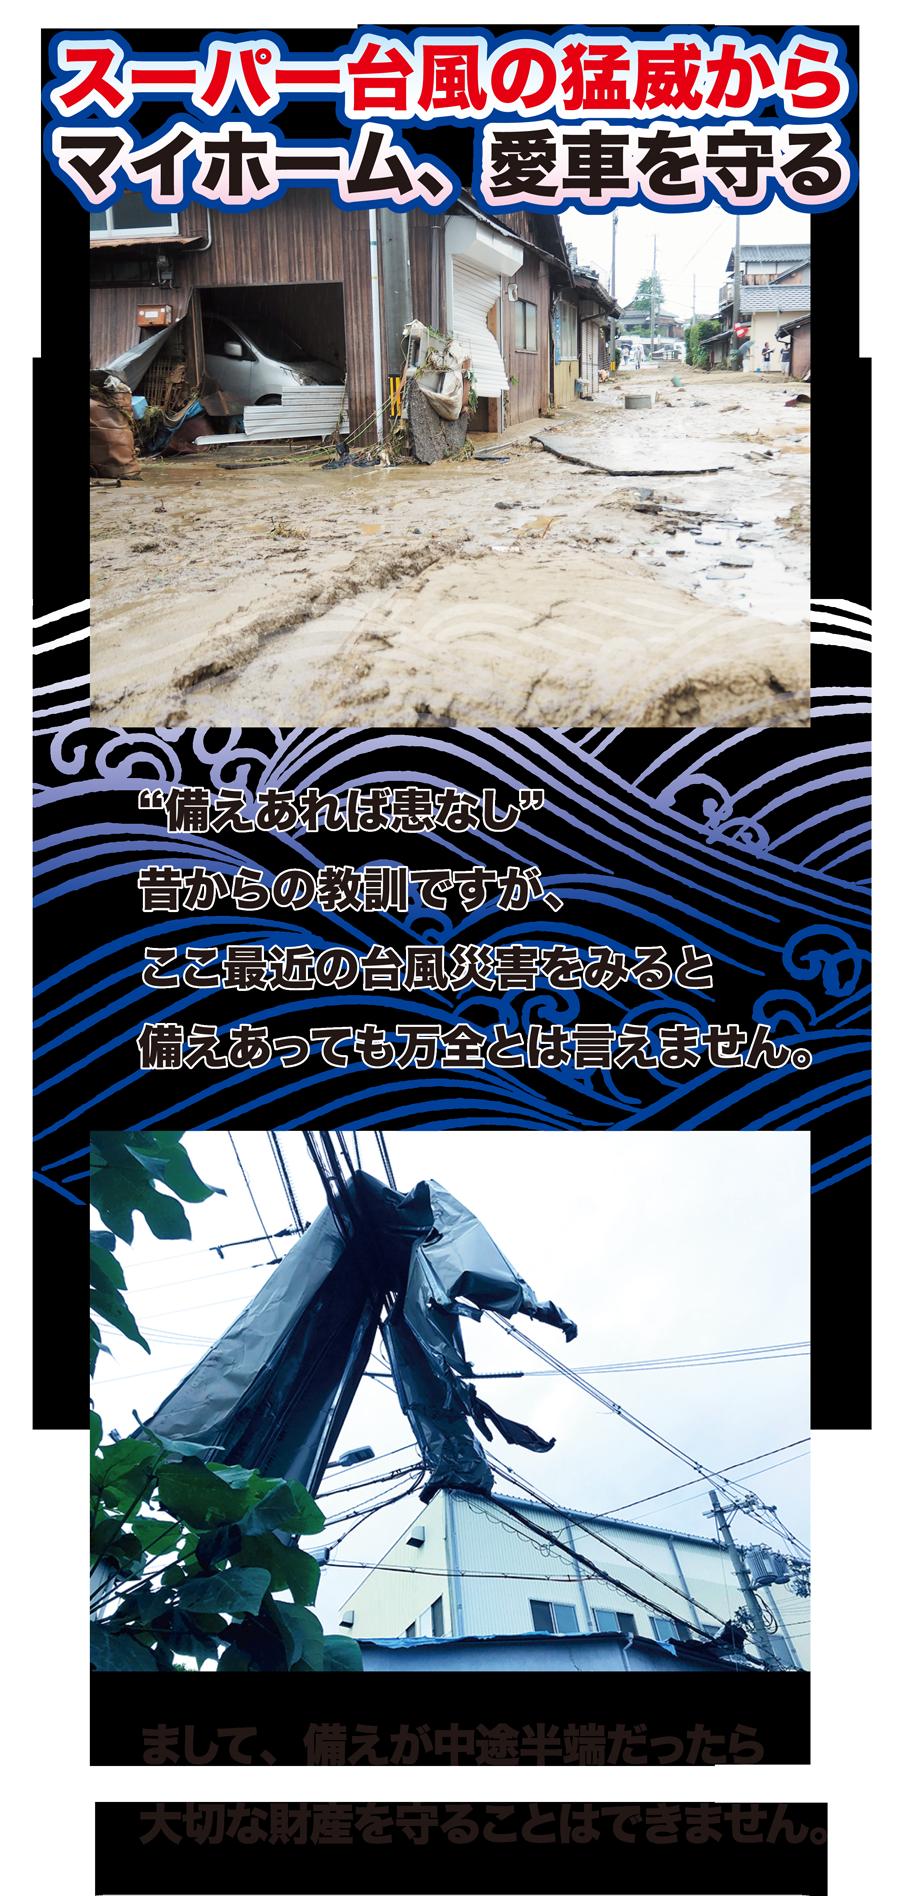 """スーパー台風の猛威からマイホーム、愛車を守る """"備えあれば患いなし""""昔からの教訓ですが、ここ最近の台風災害をみると備えあっても万全とは言えません。まして、備えが中途半端だったら、大切な財産を守ることはできません。"""